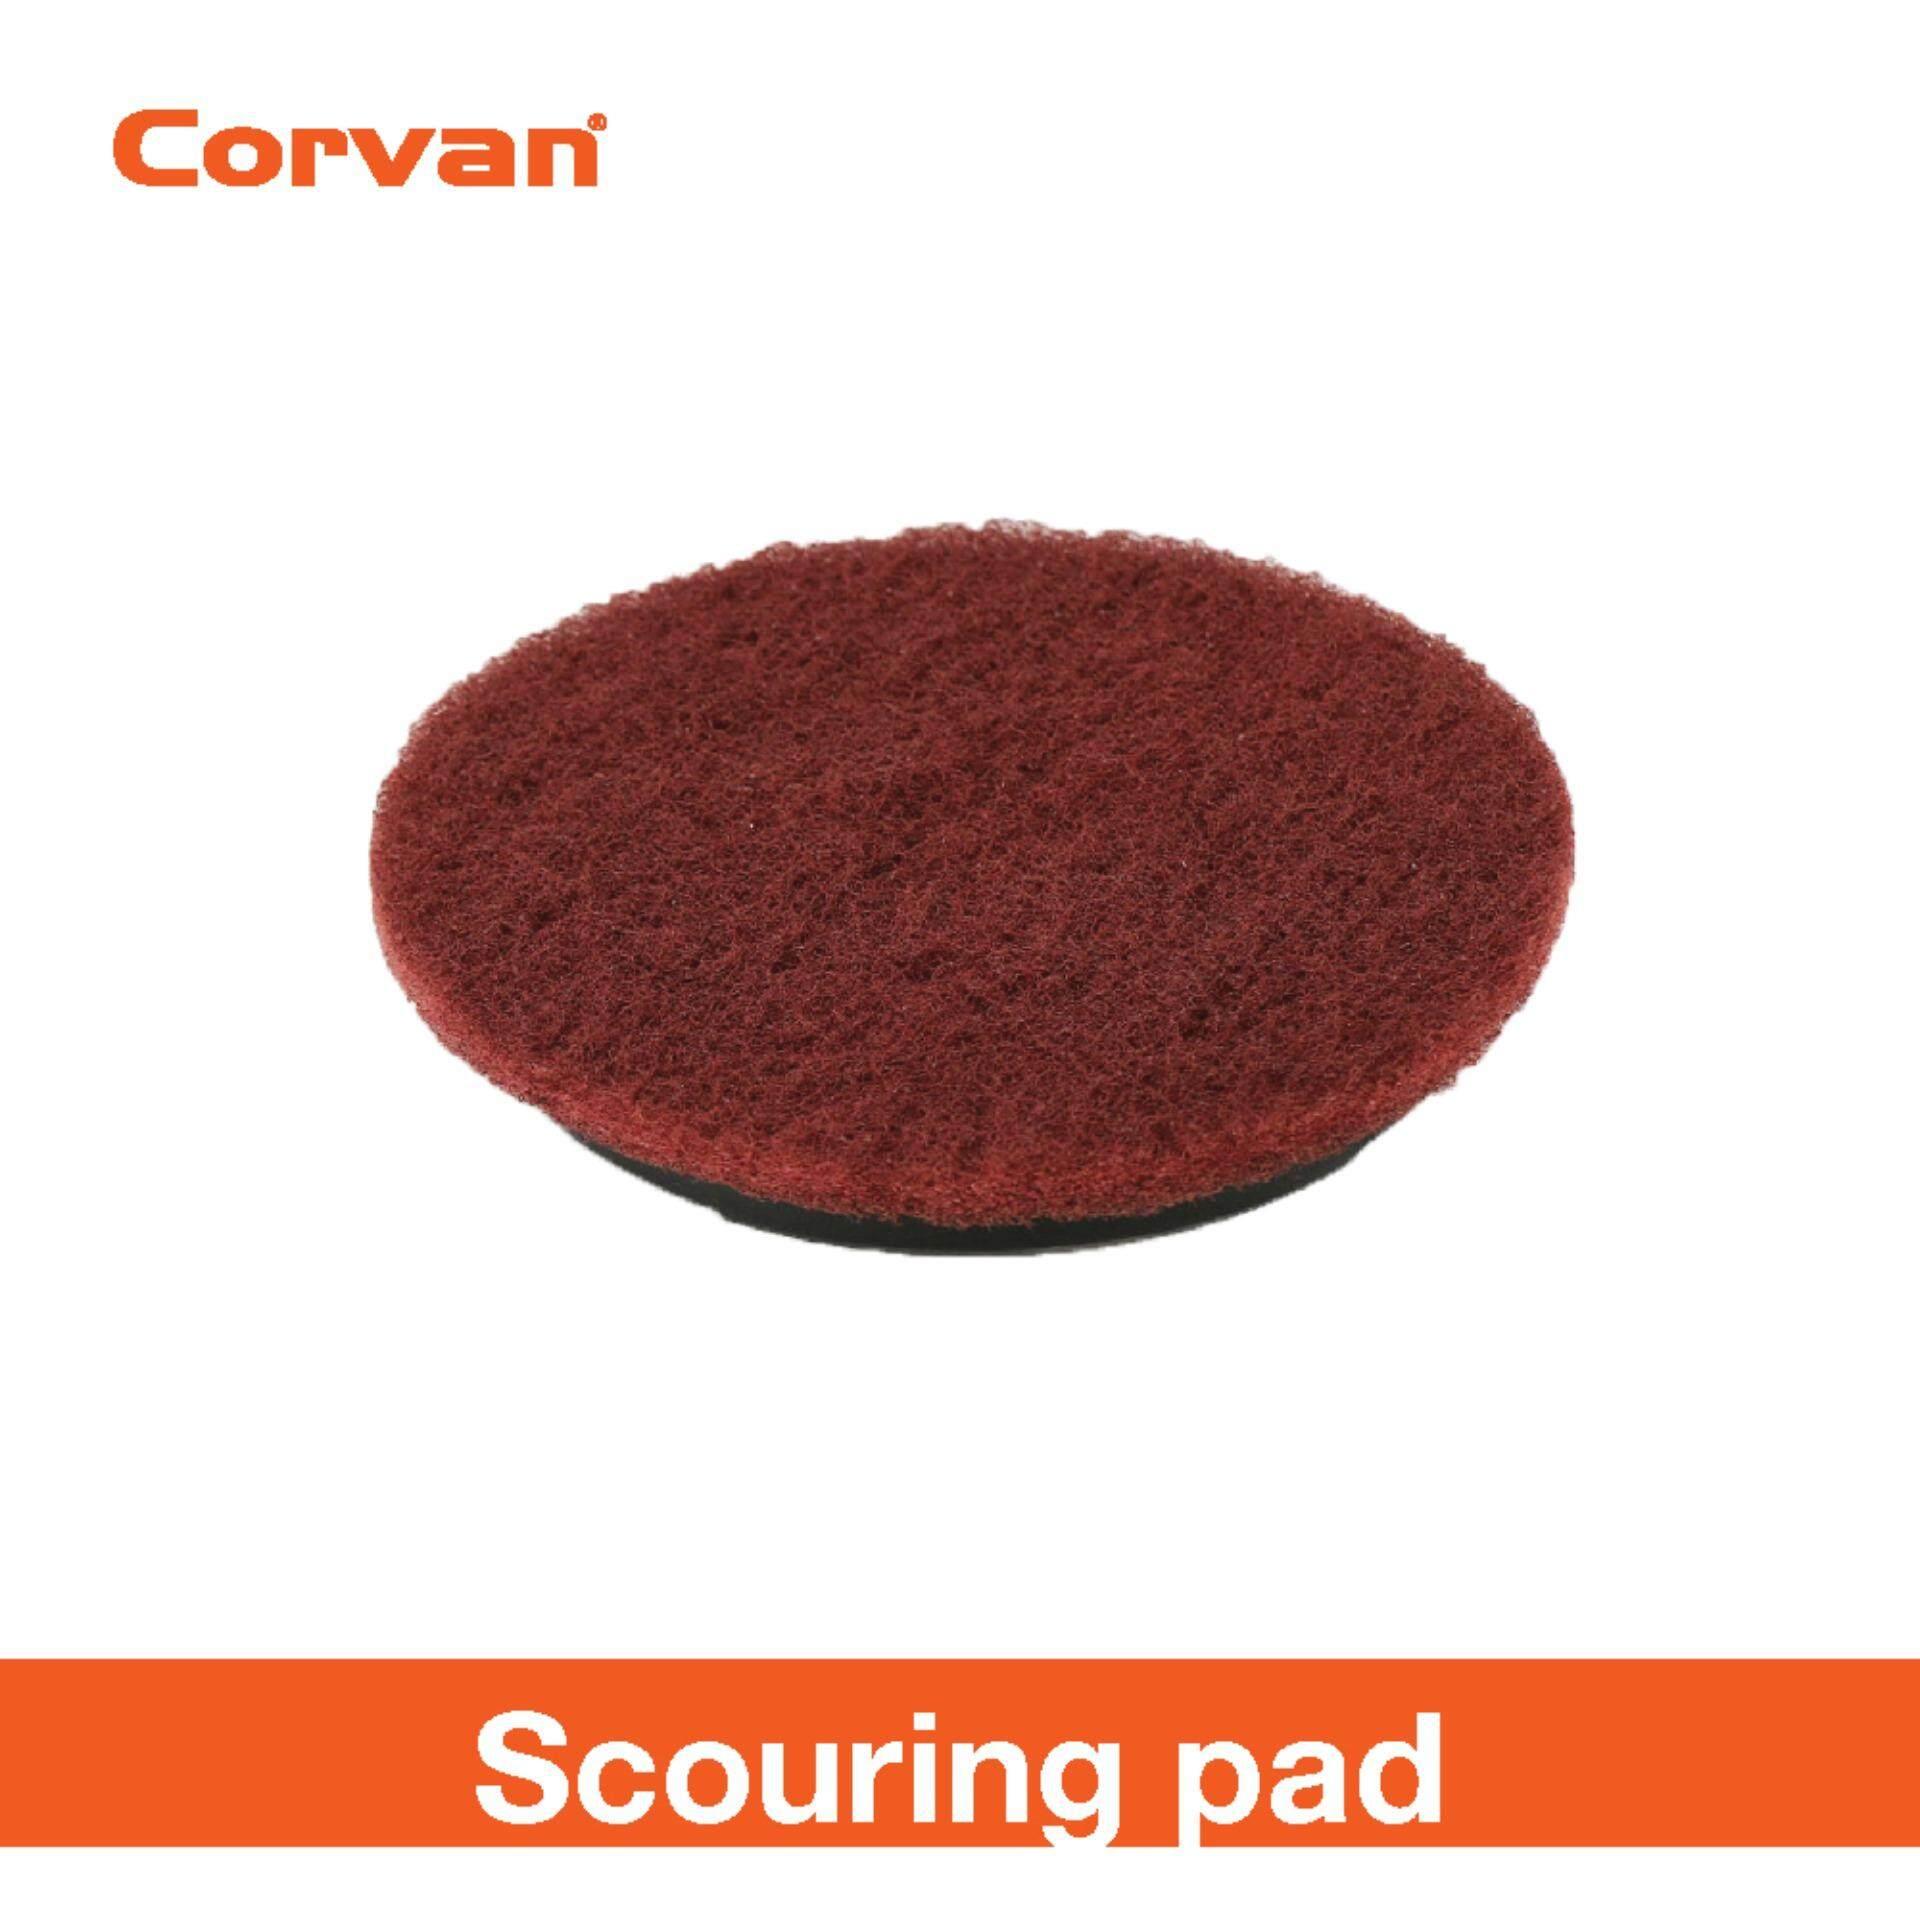 Corvan Power Scrub- Brushes, Pads